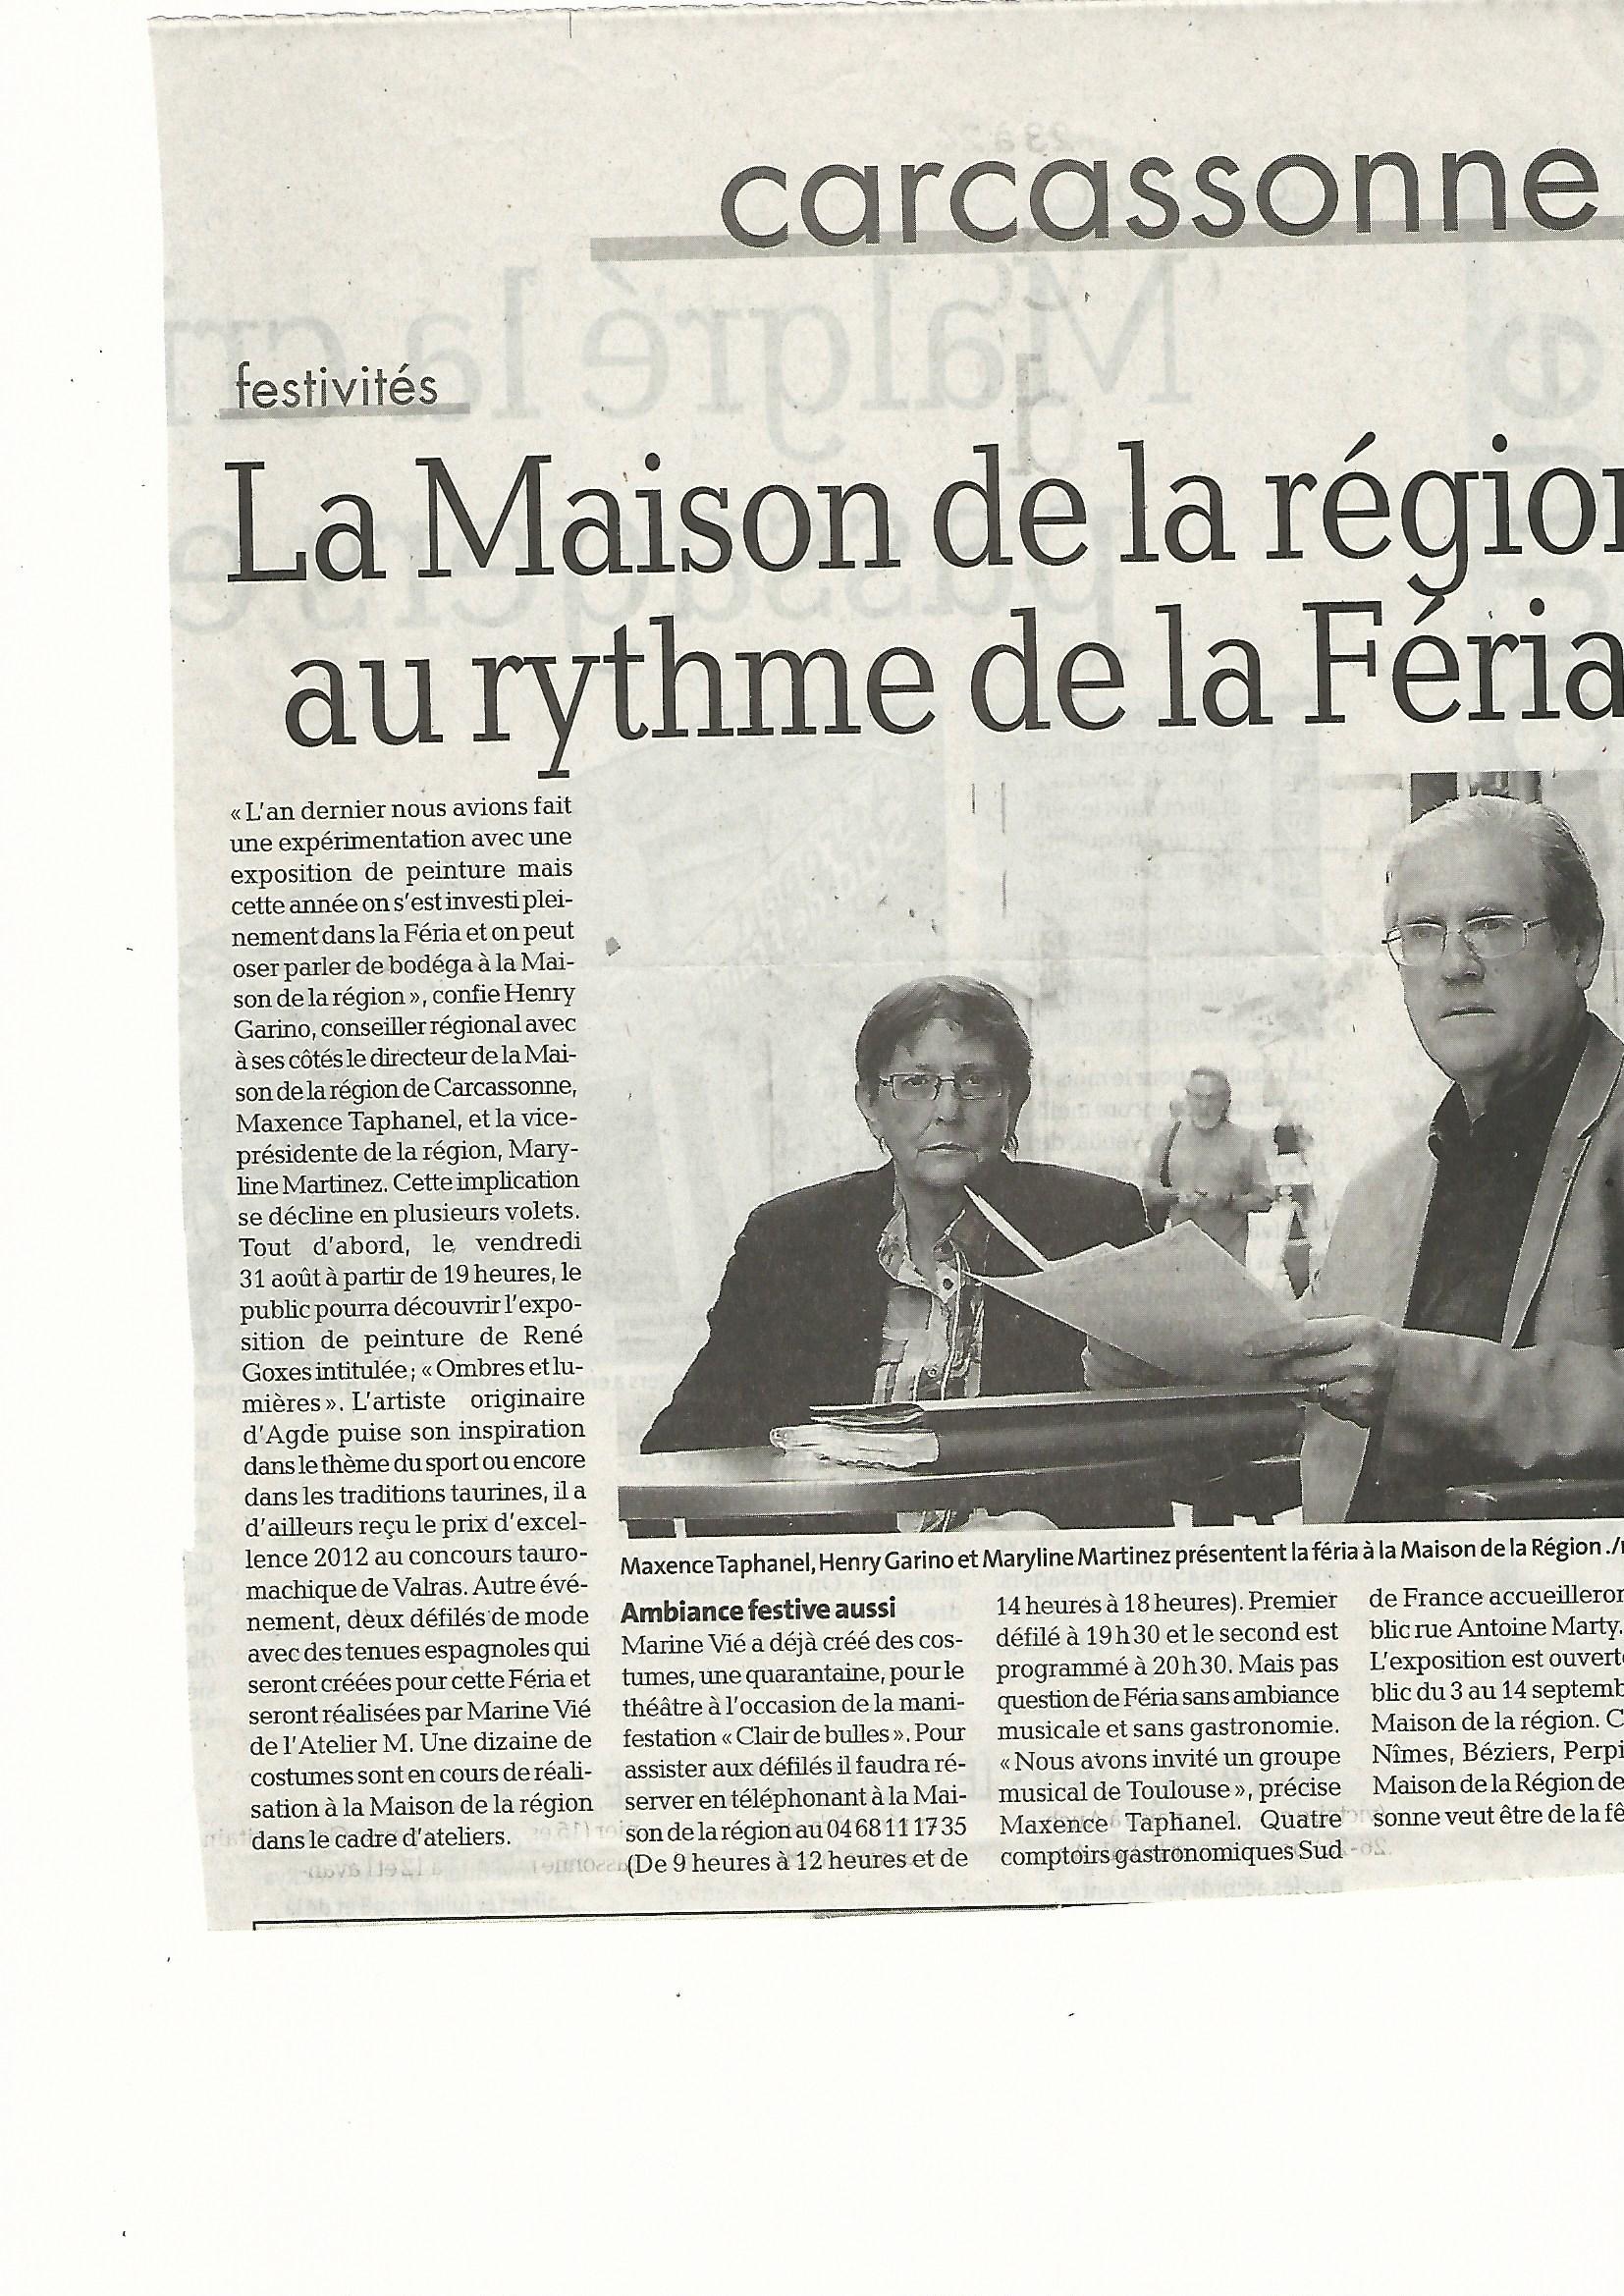 féria carcassonne 2012 (2).jpg